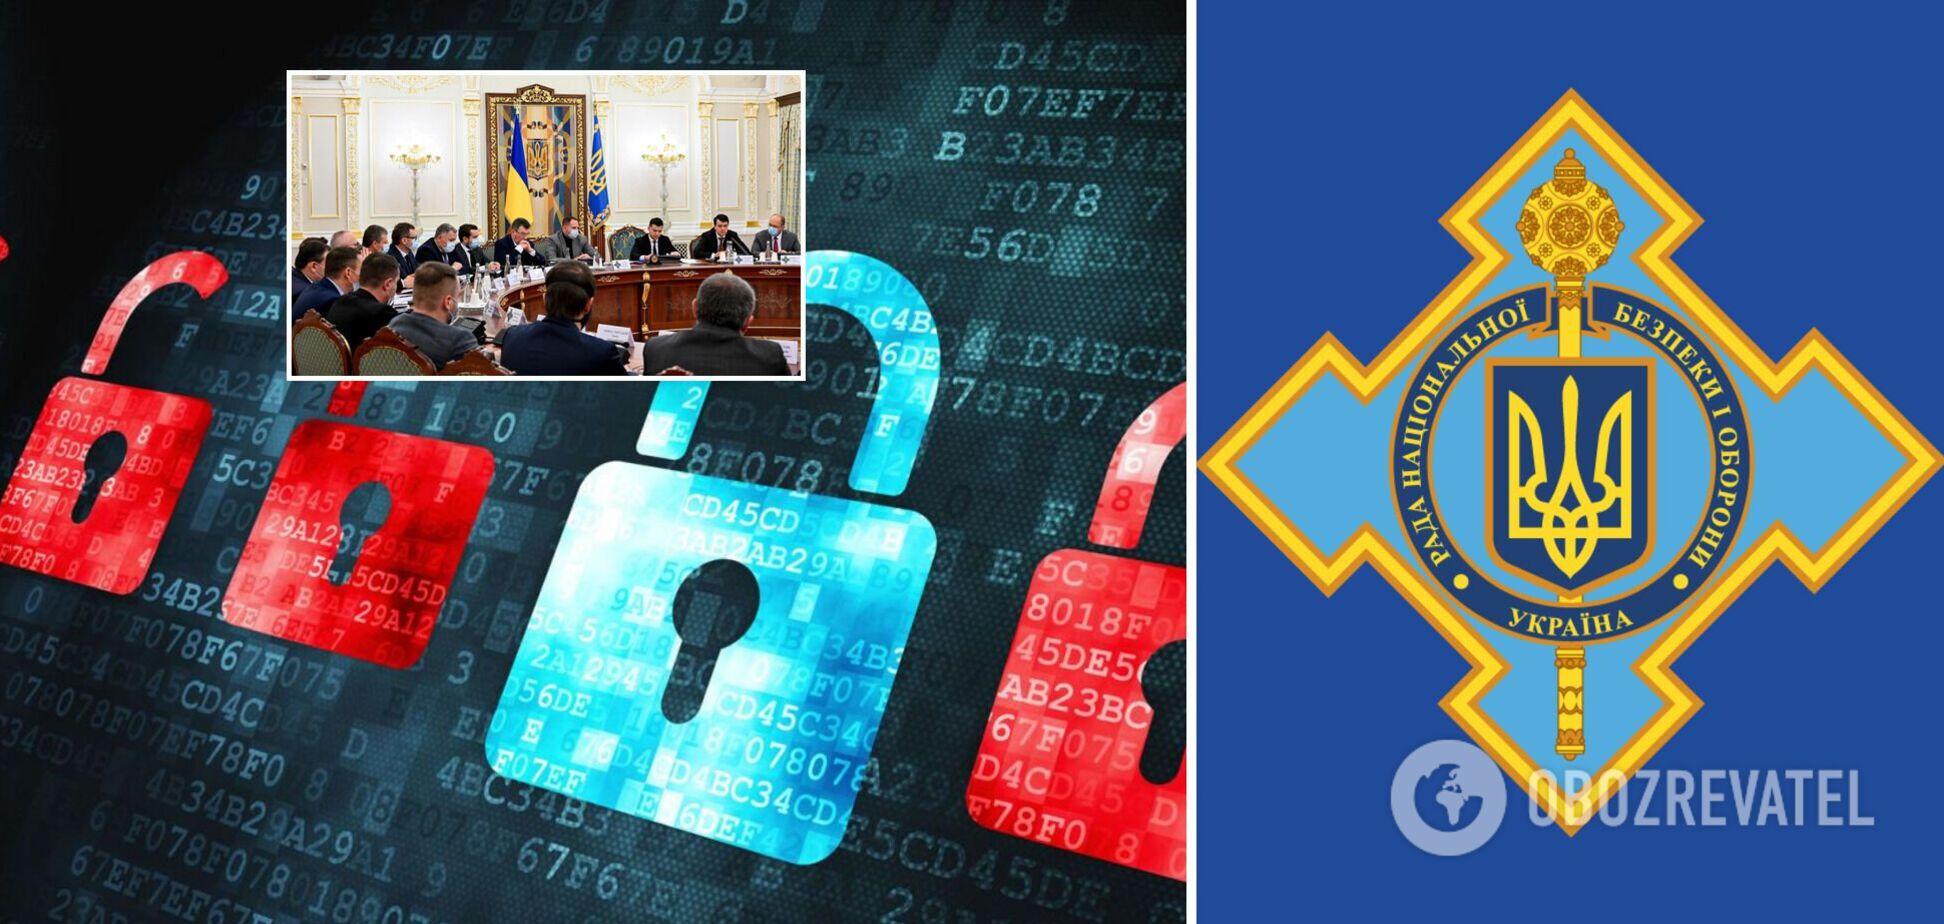 СНБО хочет создатьреестр запрещенных сайтов в Украине